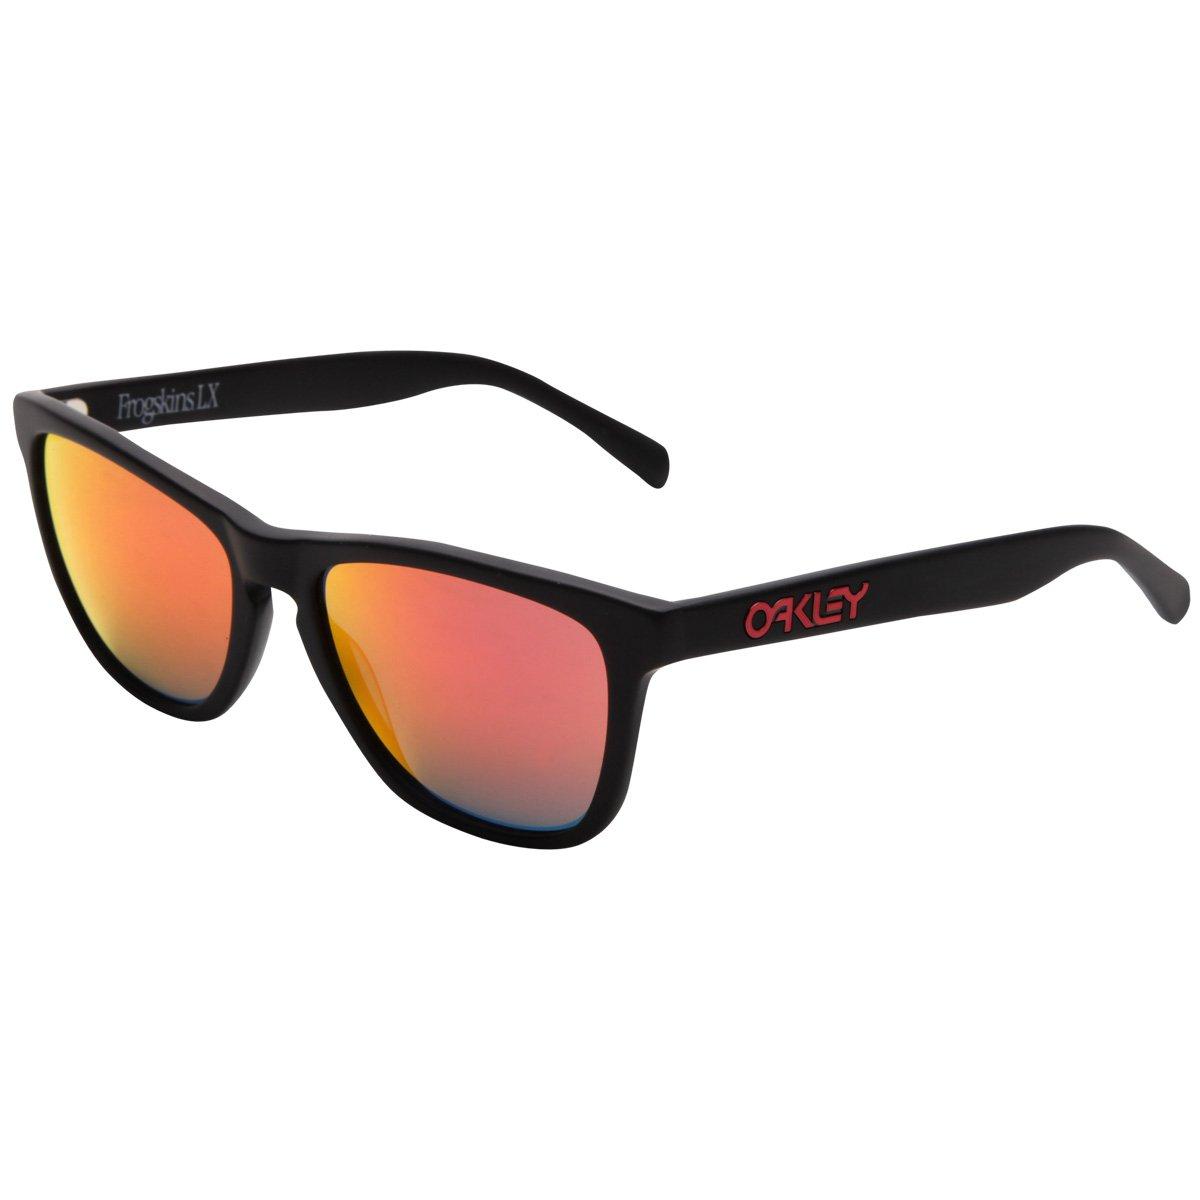 8aea11c56da90 Óculos Oakley Frogskins LX - Iridium - Compre Agora